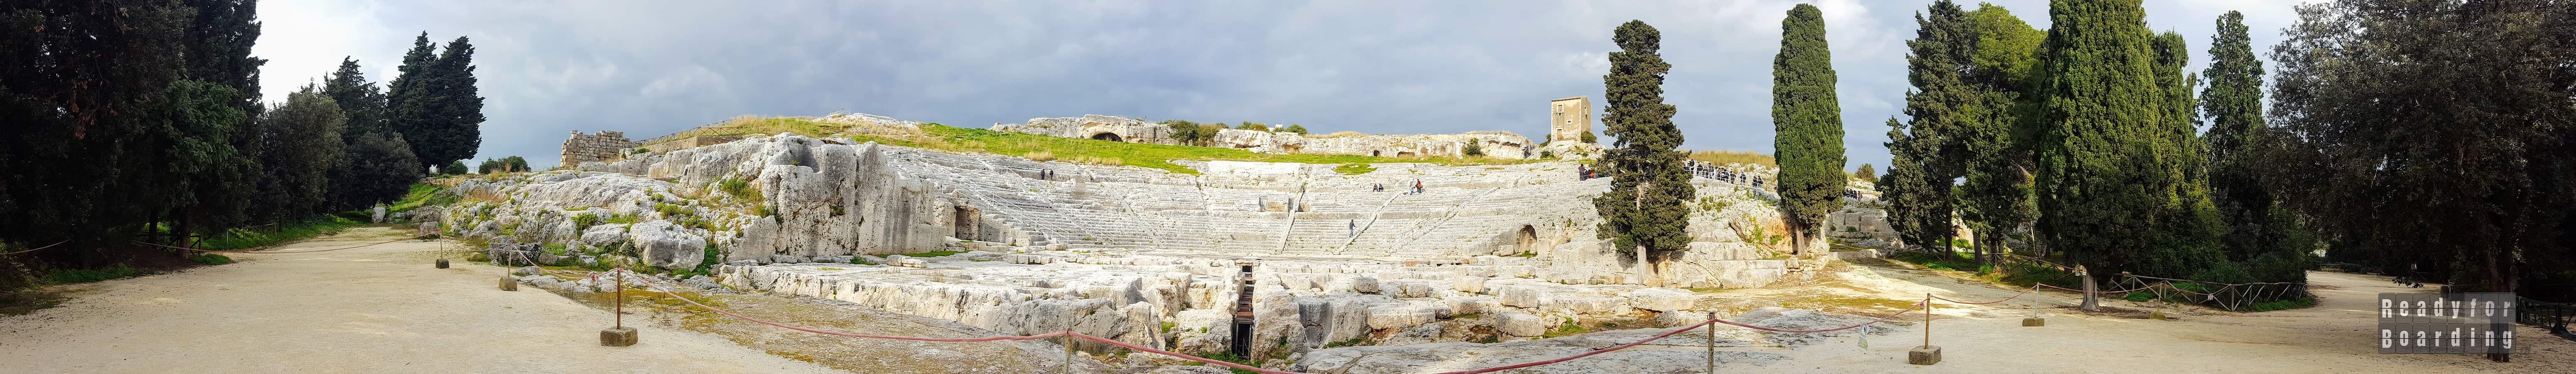 Panorama: Teatr Grecki w Syrakuzy - Sycylia